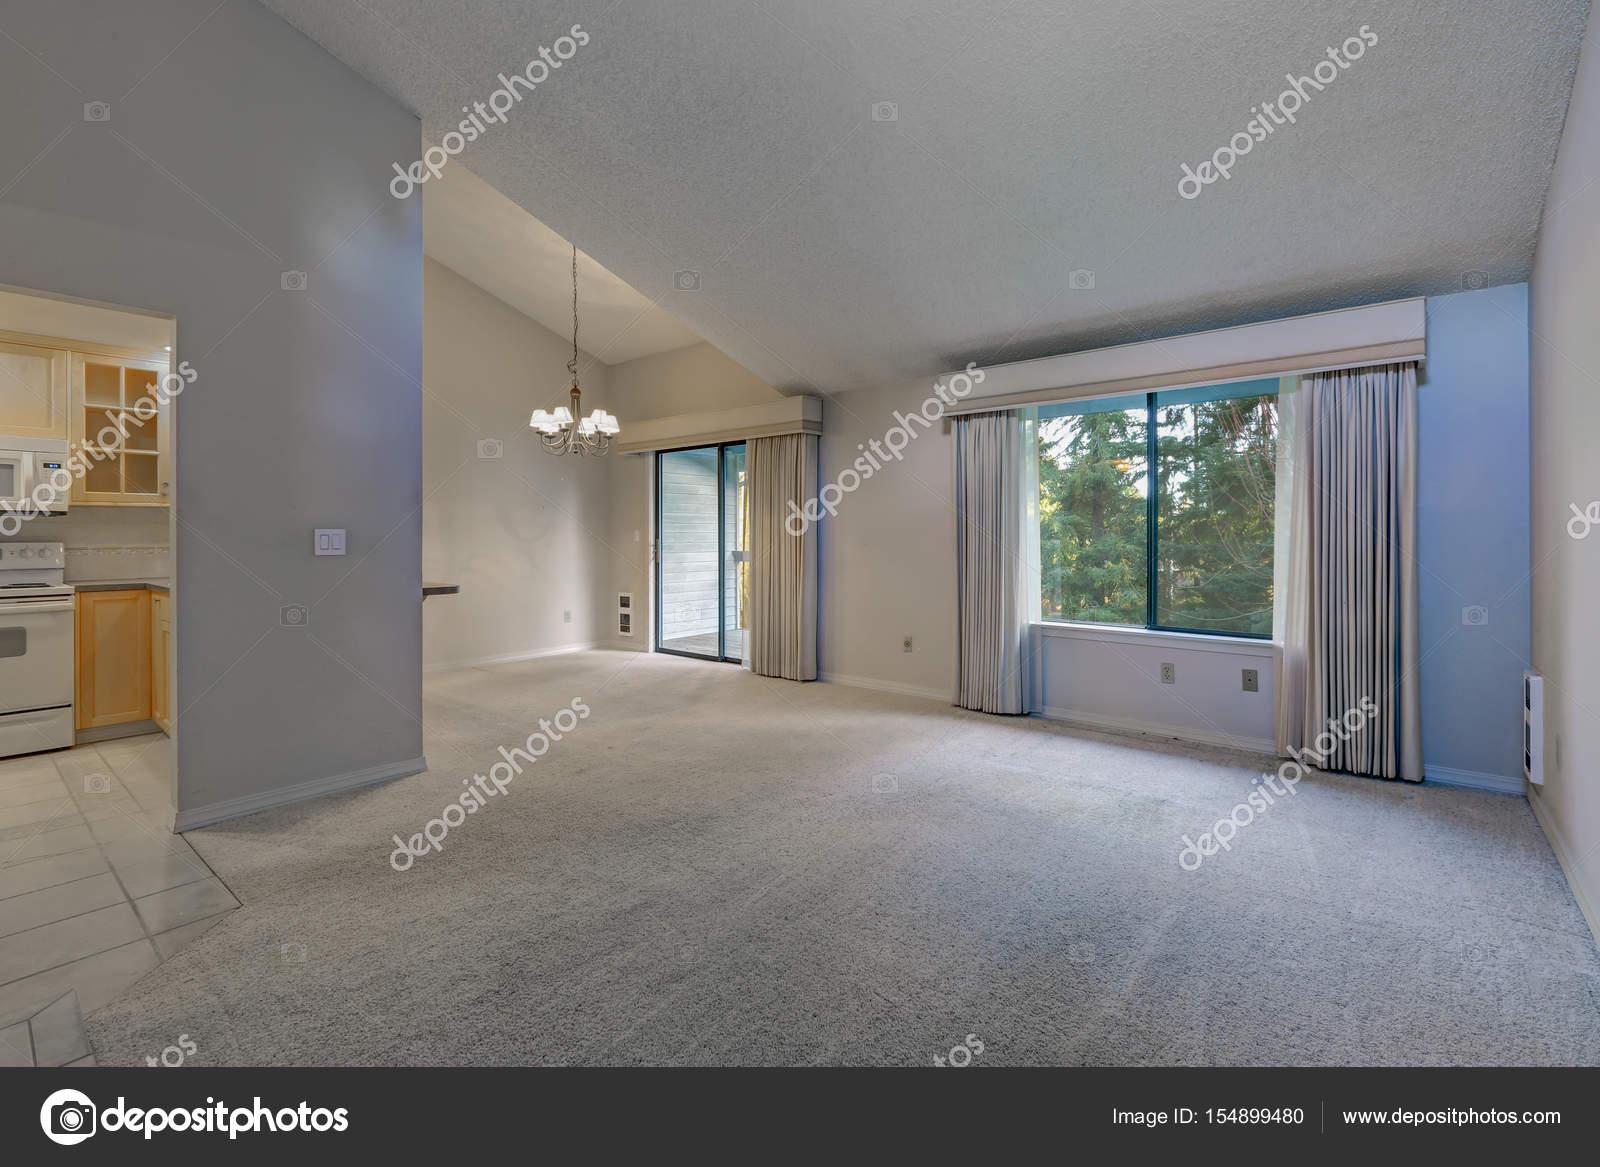 Leer-Ess-Raum mit gewölbter Decke und grauen Mauern — Stockfoto ...